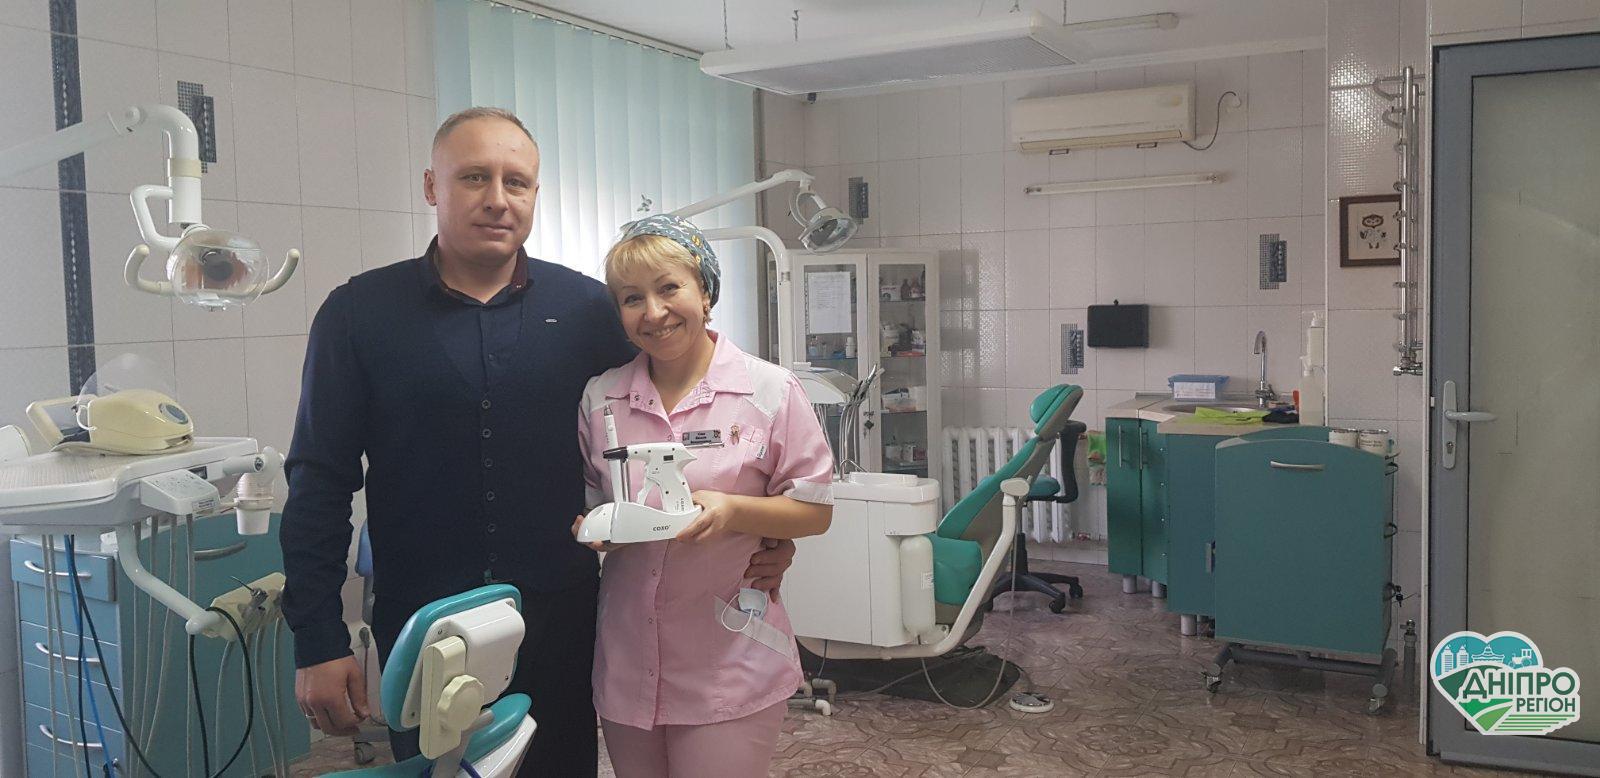 «Кваліфіковане лікування та довіра до лікаря – головні наші цінності», – ветеран Сергій Сова